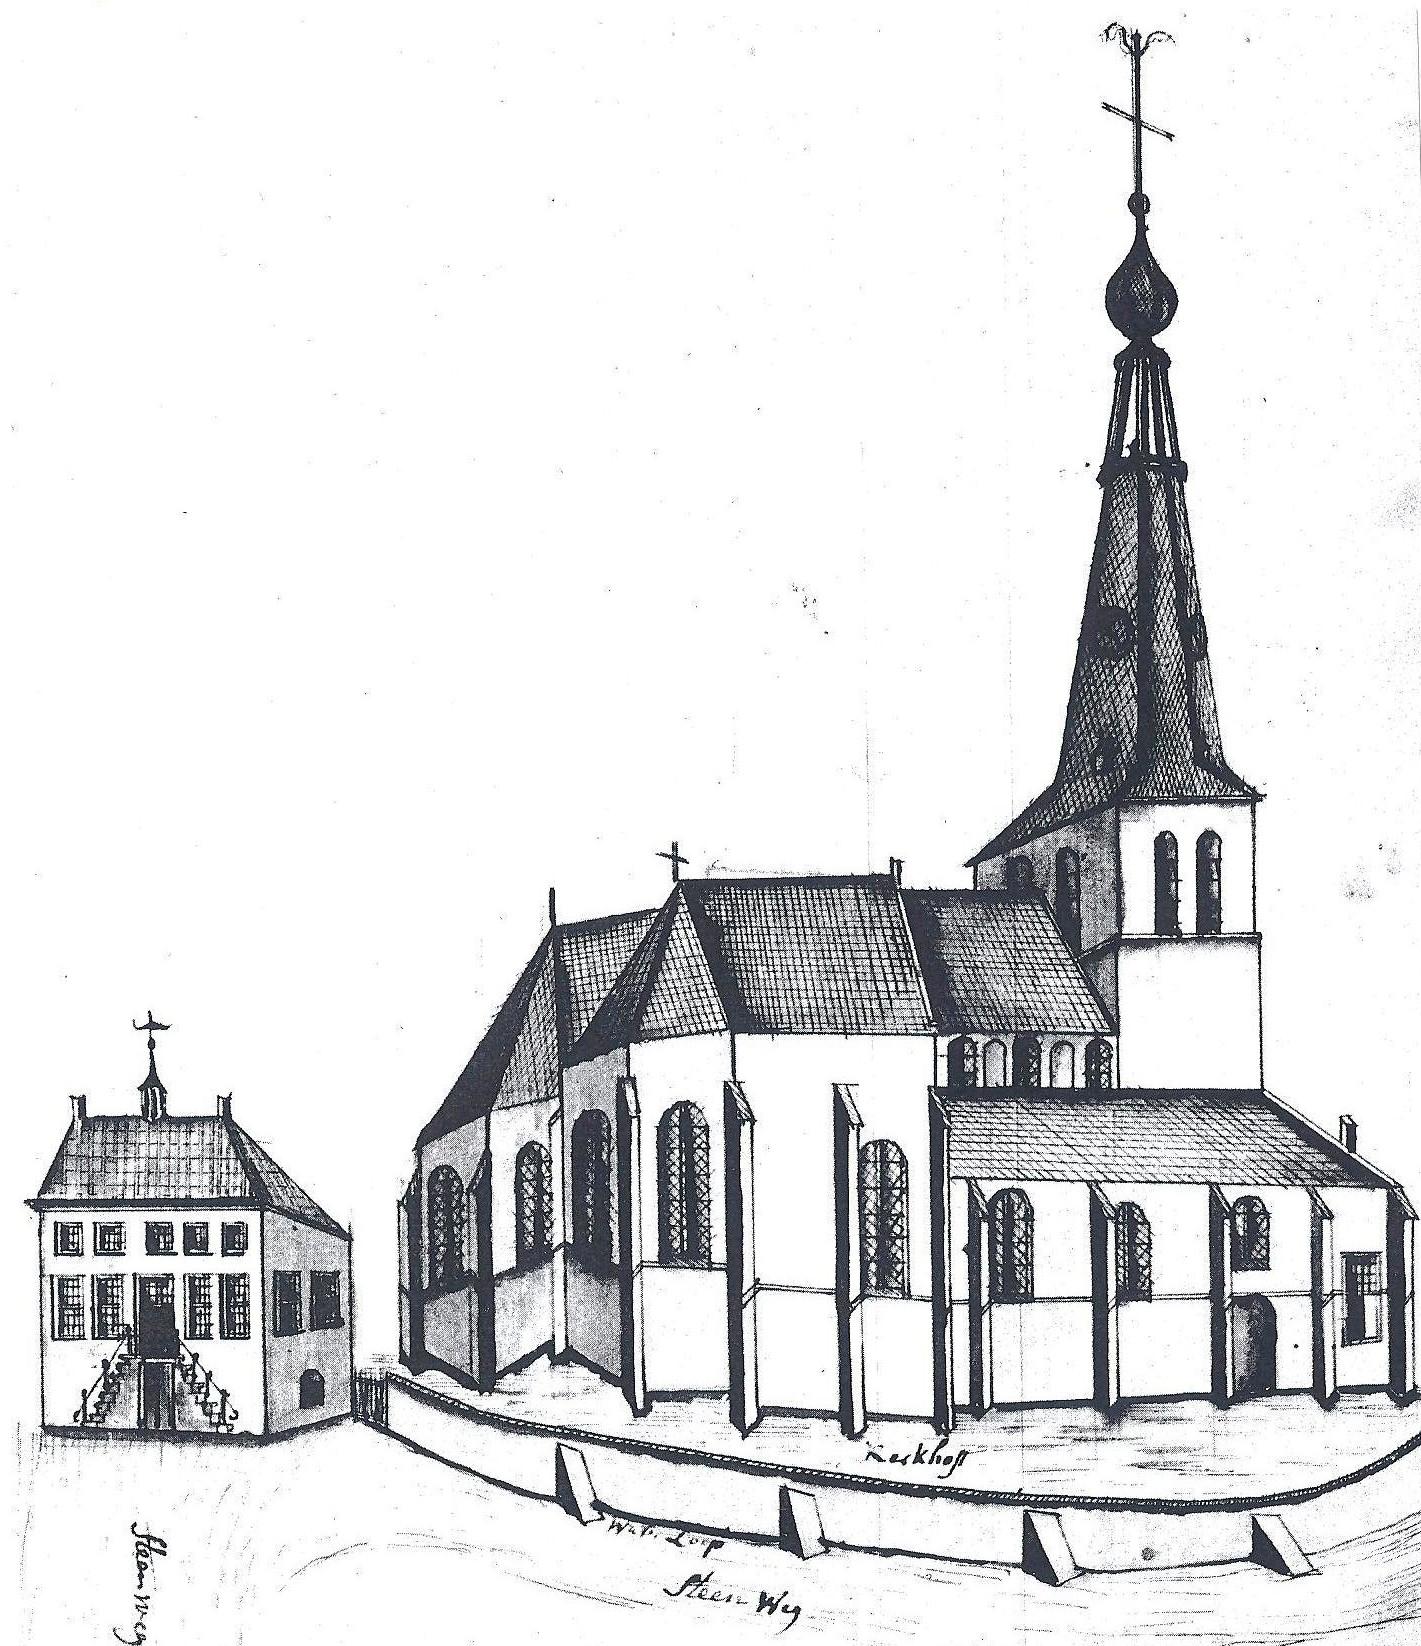 De kerk van Veghel, einde 18de eeuw.